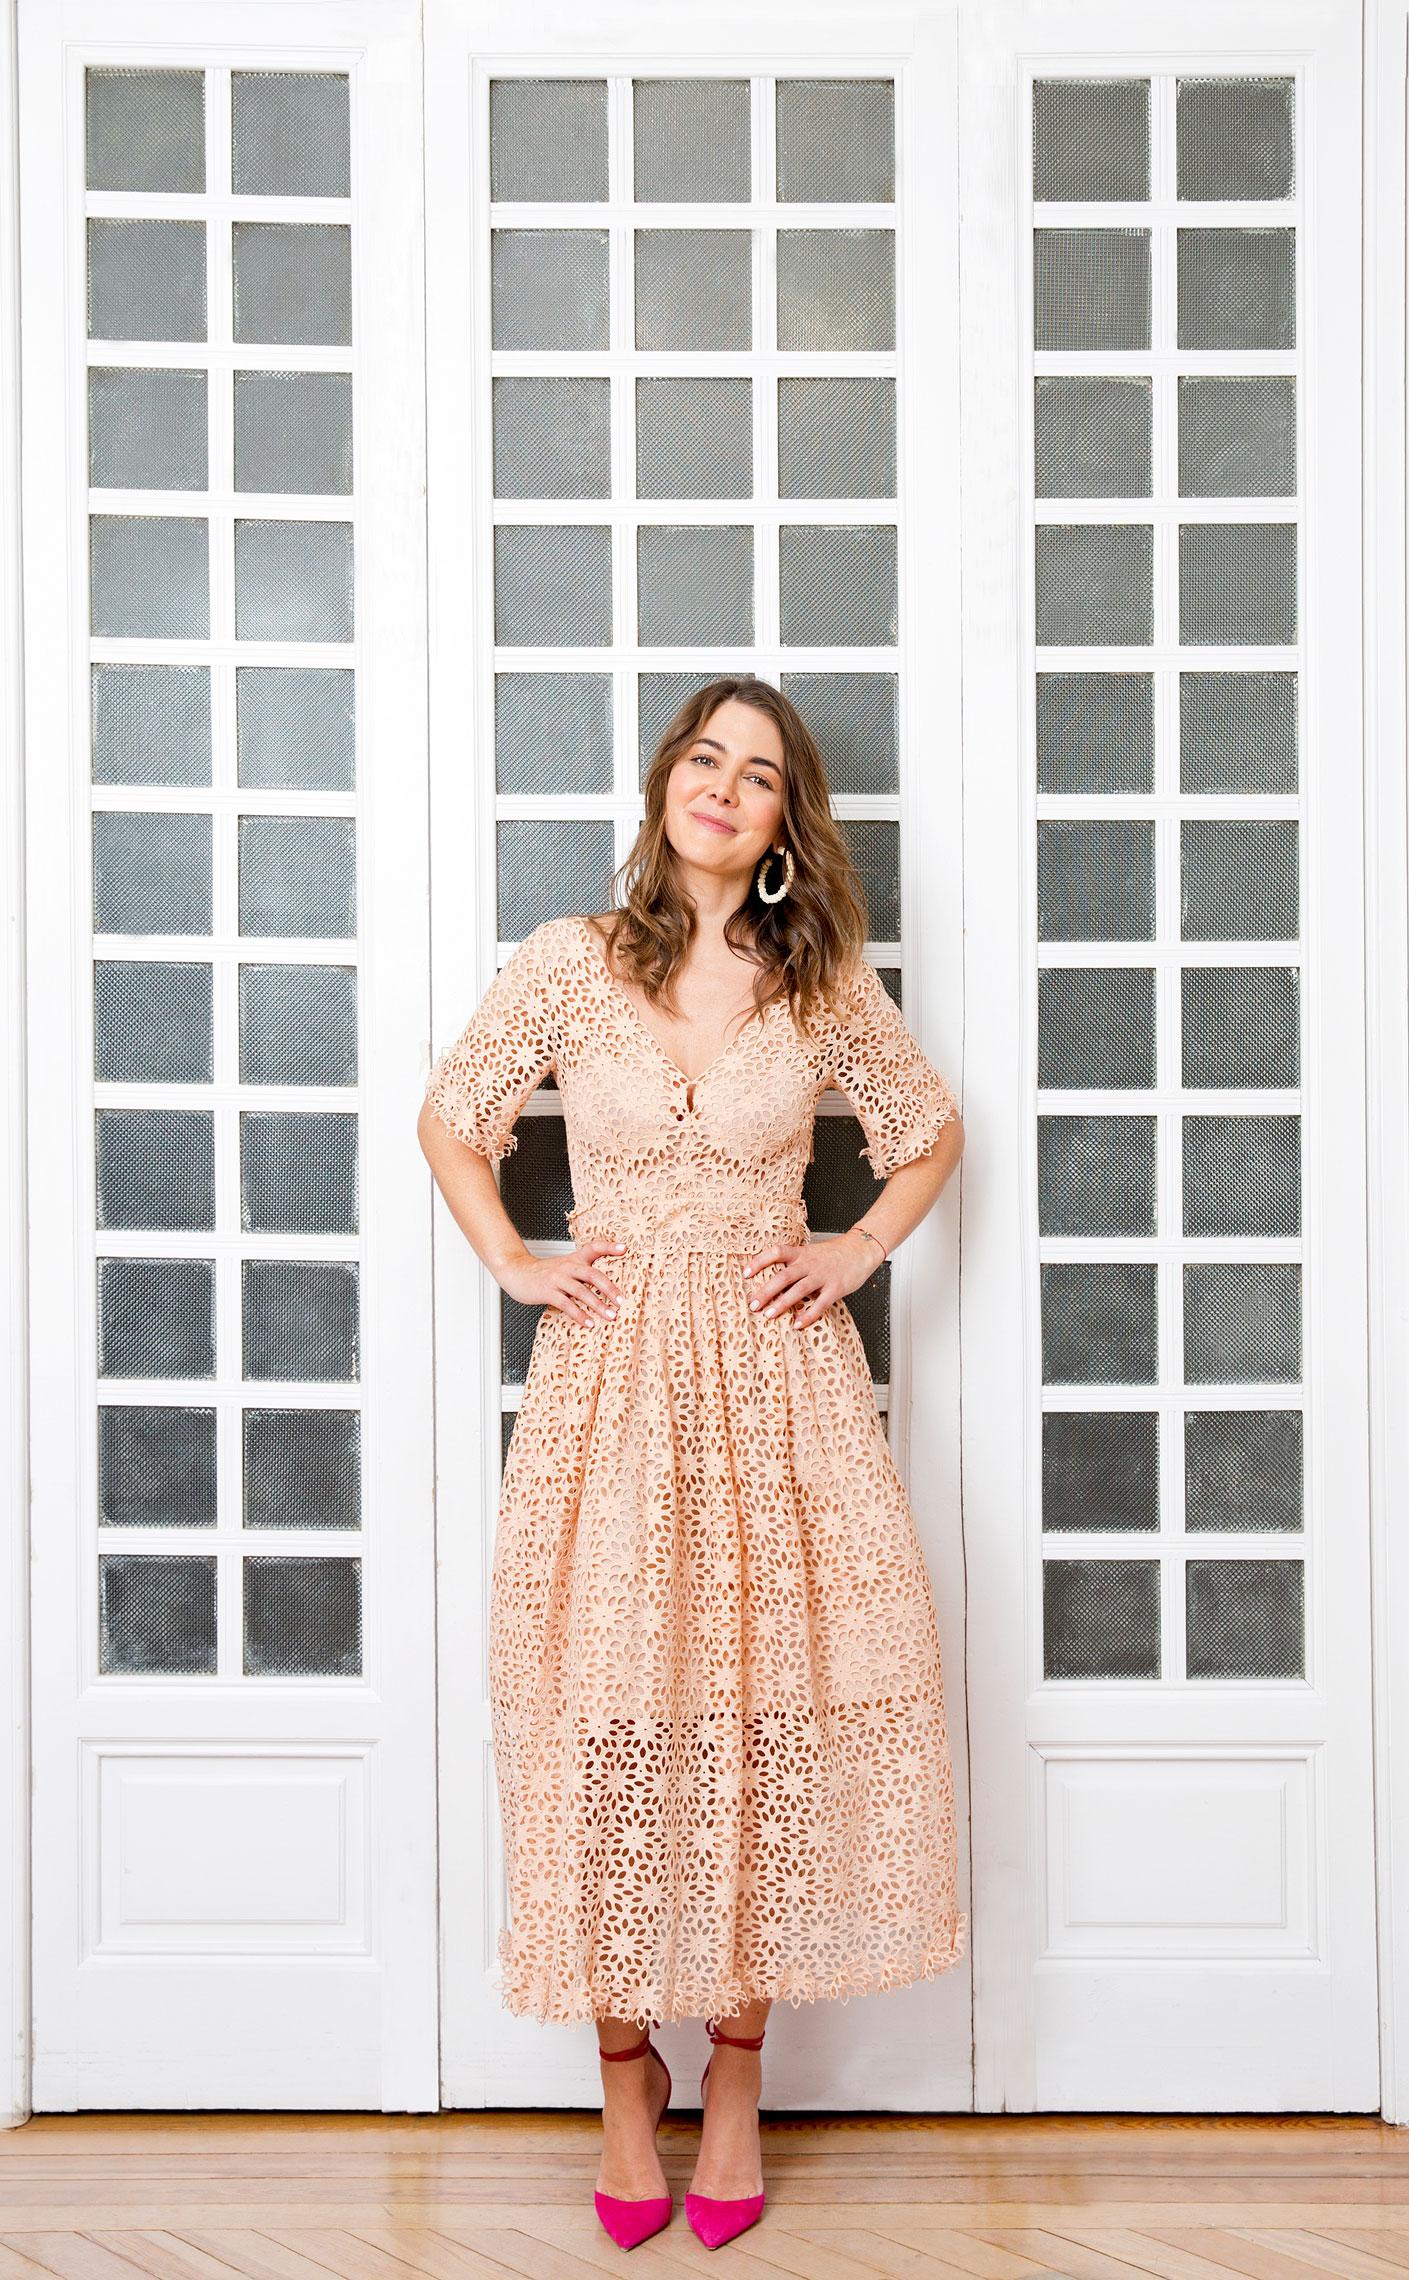 Adriana Castro a sus 35 años ha logrado cumplir su sueño y ser una referencia como diseñadora de bolsos de lujo